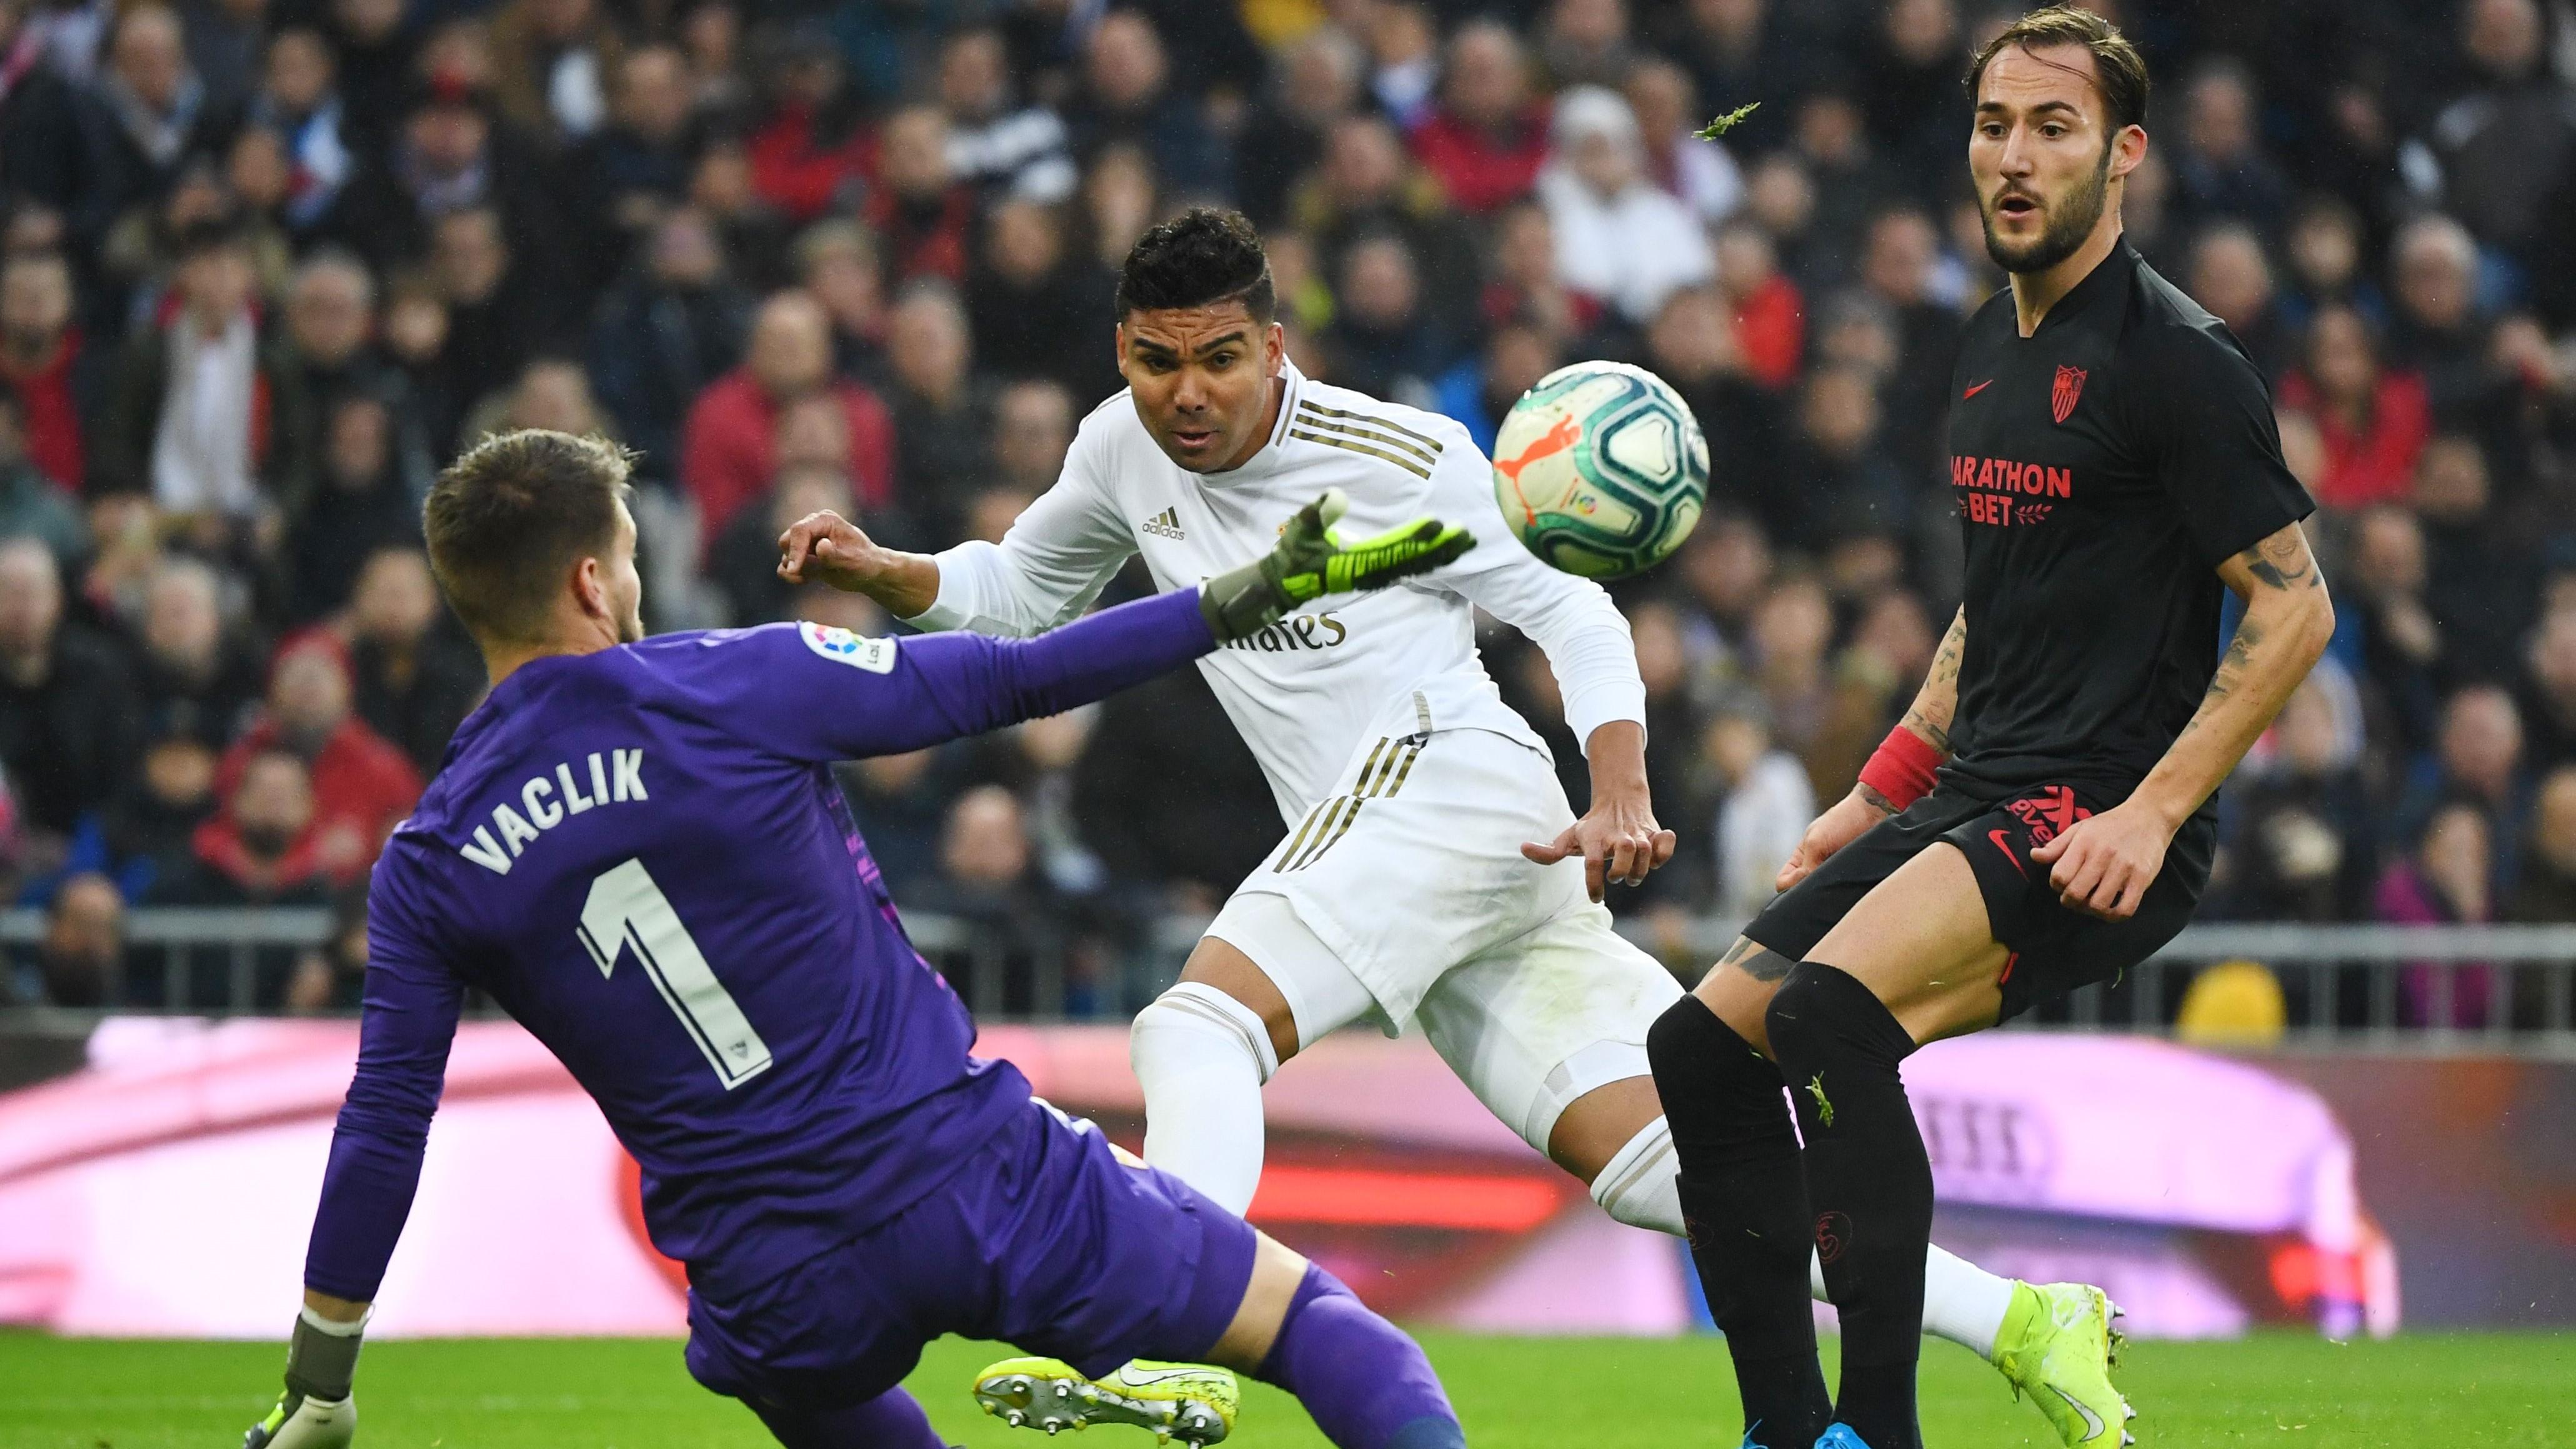 Real Madrid-Séville (2-1) - Le leader sauvé par un héros nommé Casemiro